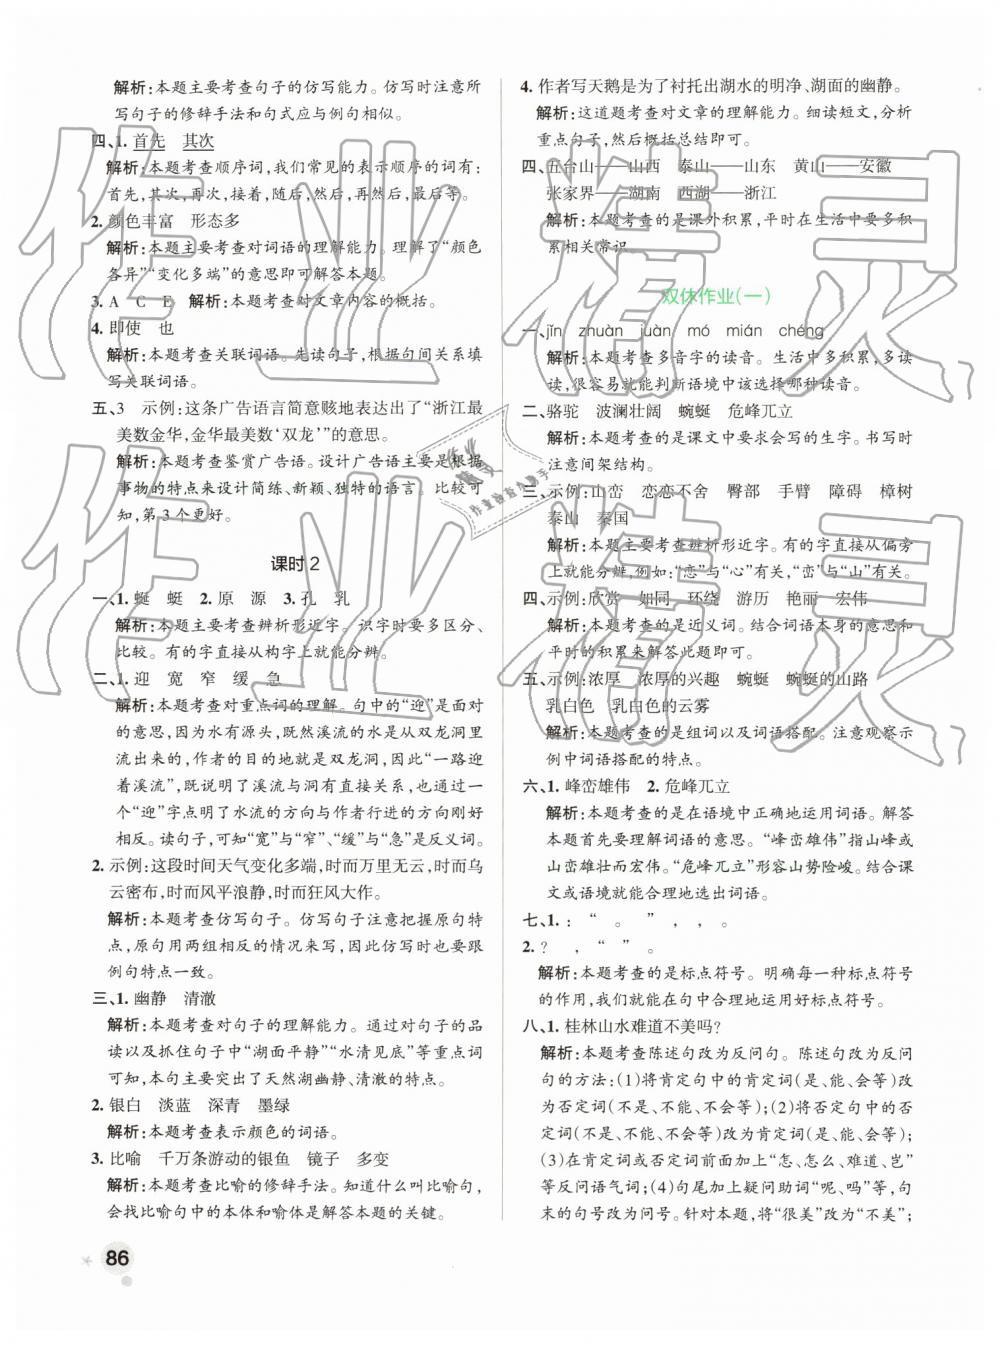 2019年小学学霸作业本四下册人教语文年级版学生电脑小学图片